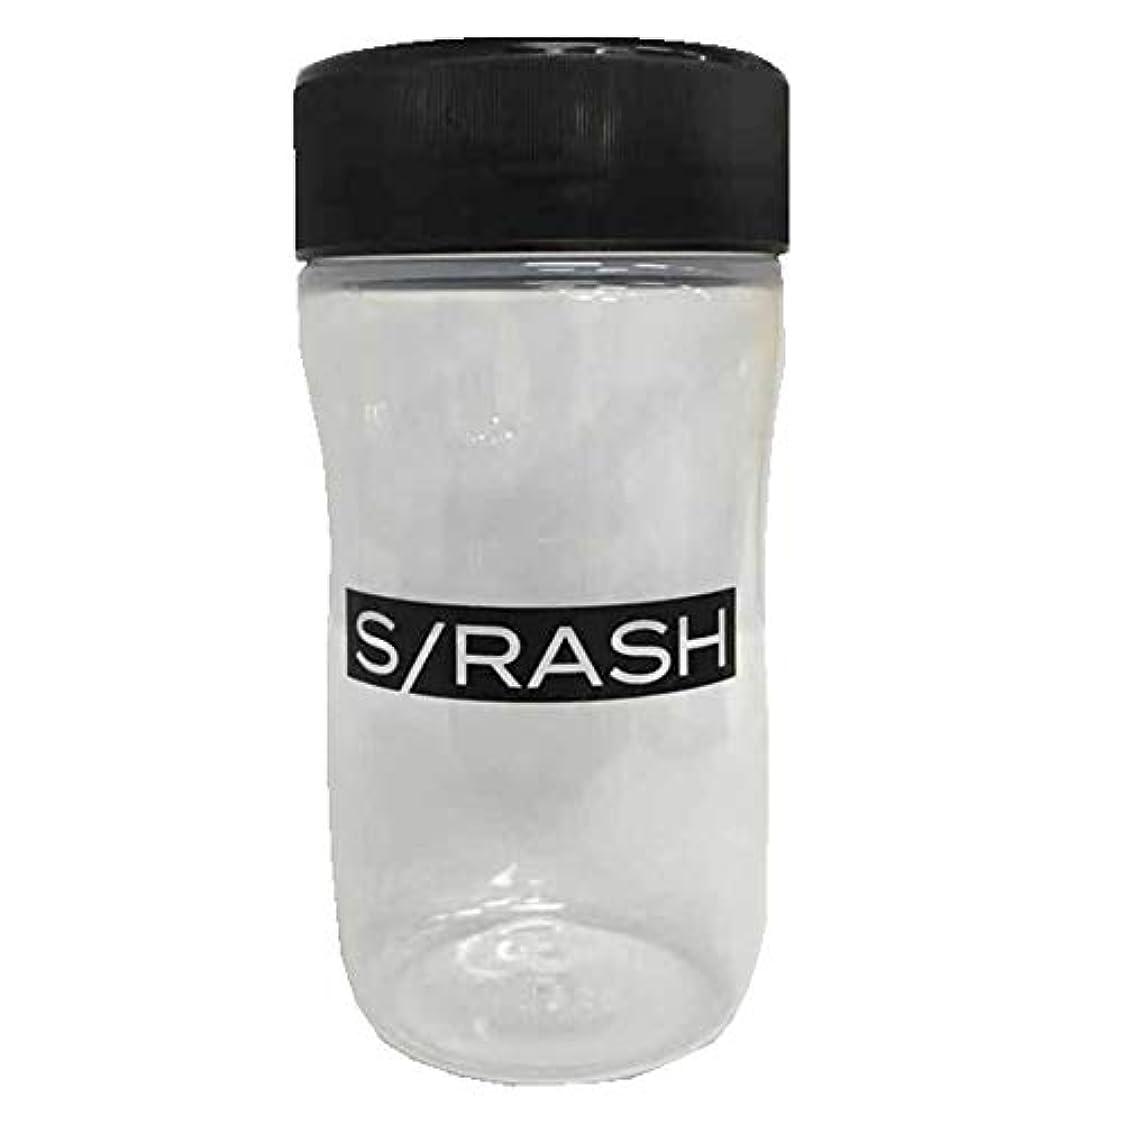 遷移ネックレットゆりかご【スラッシュ】 S/RASH プロテインシェイカー ボトル ランニング トレーニング